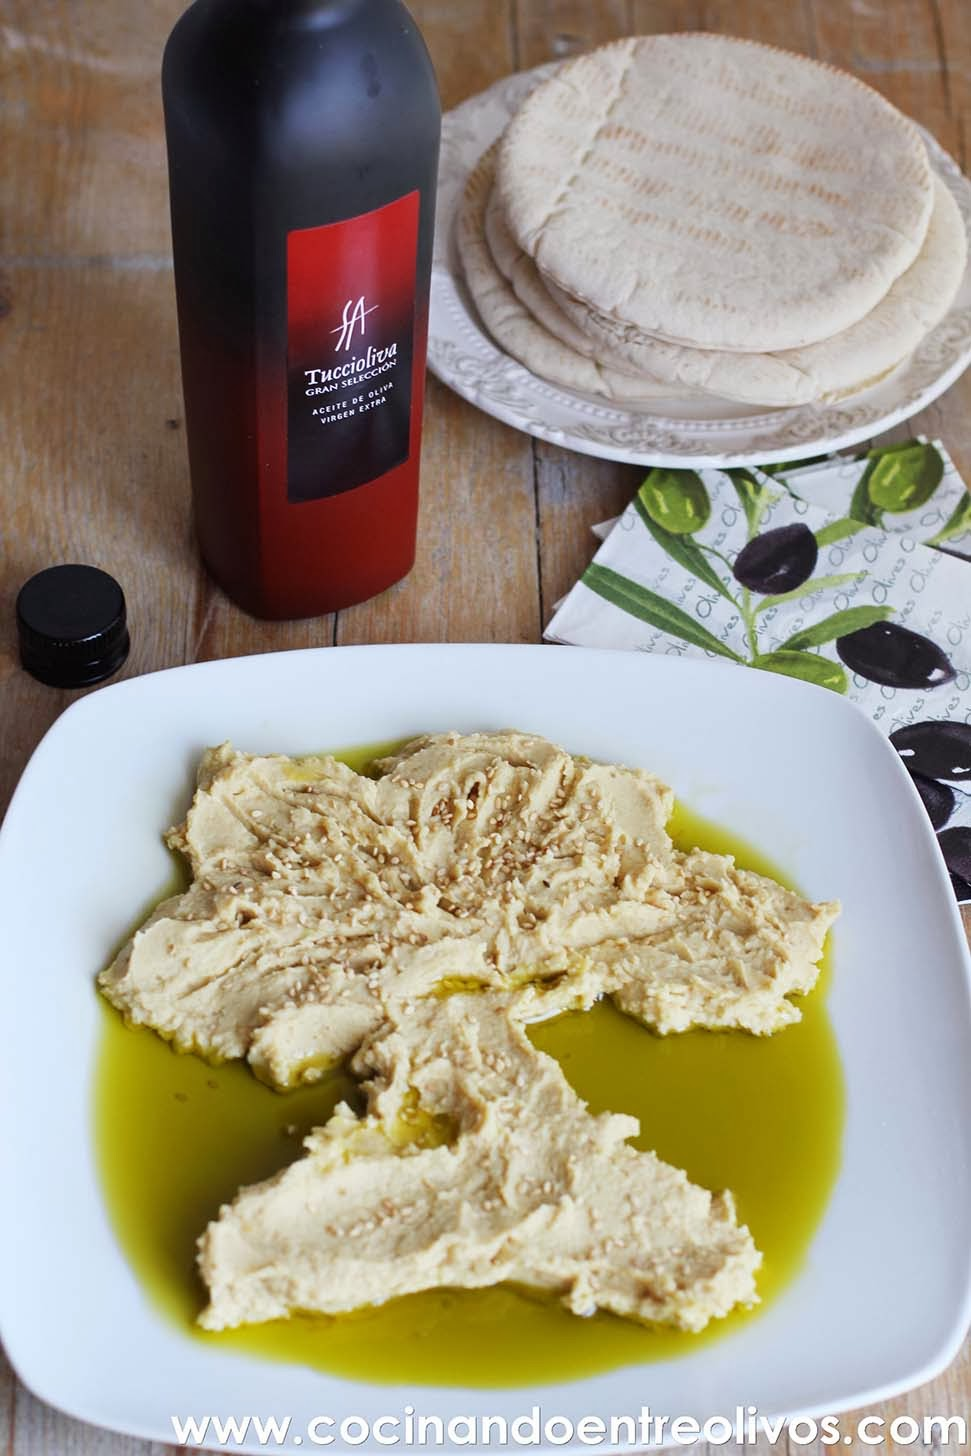 Cocinando entre olivos hummus receta paso a paso for Cocinando entre olivos